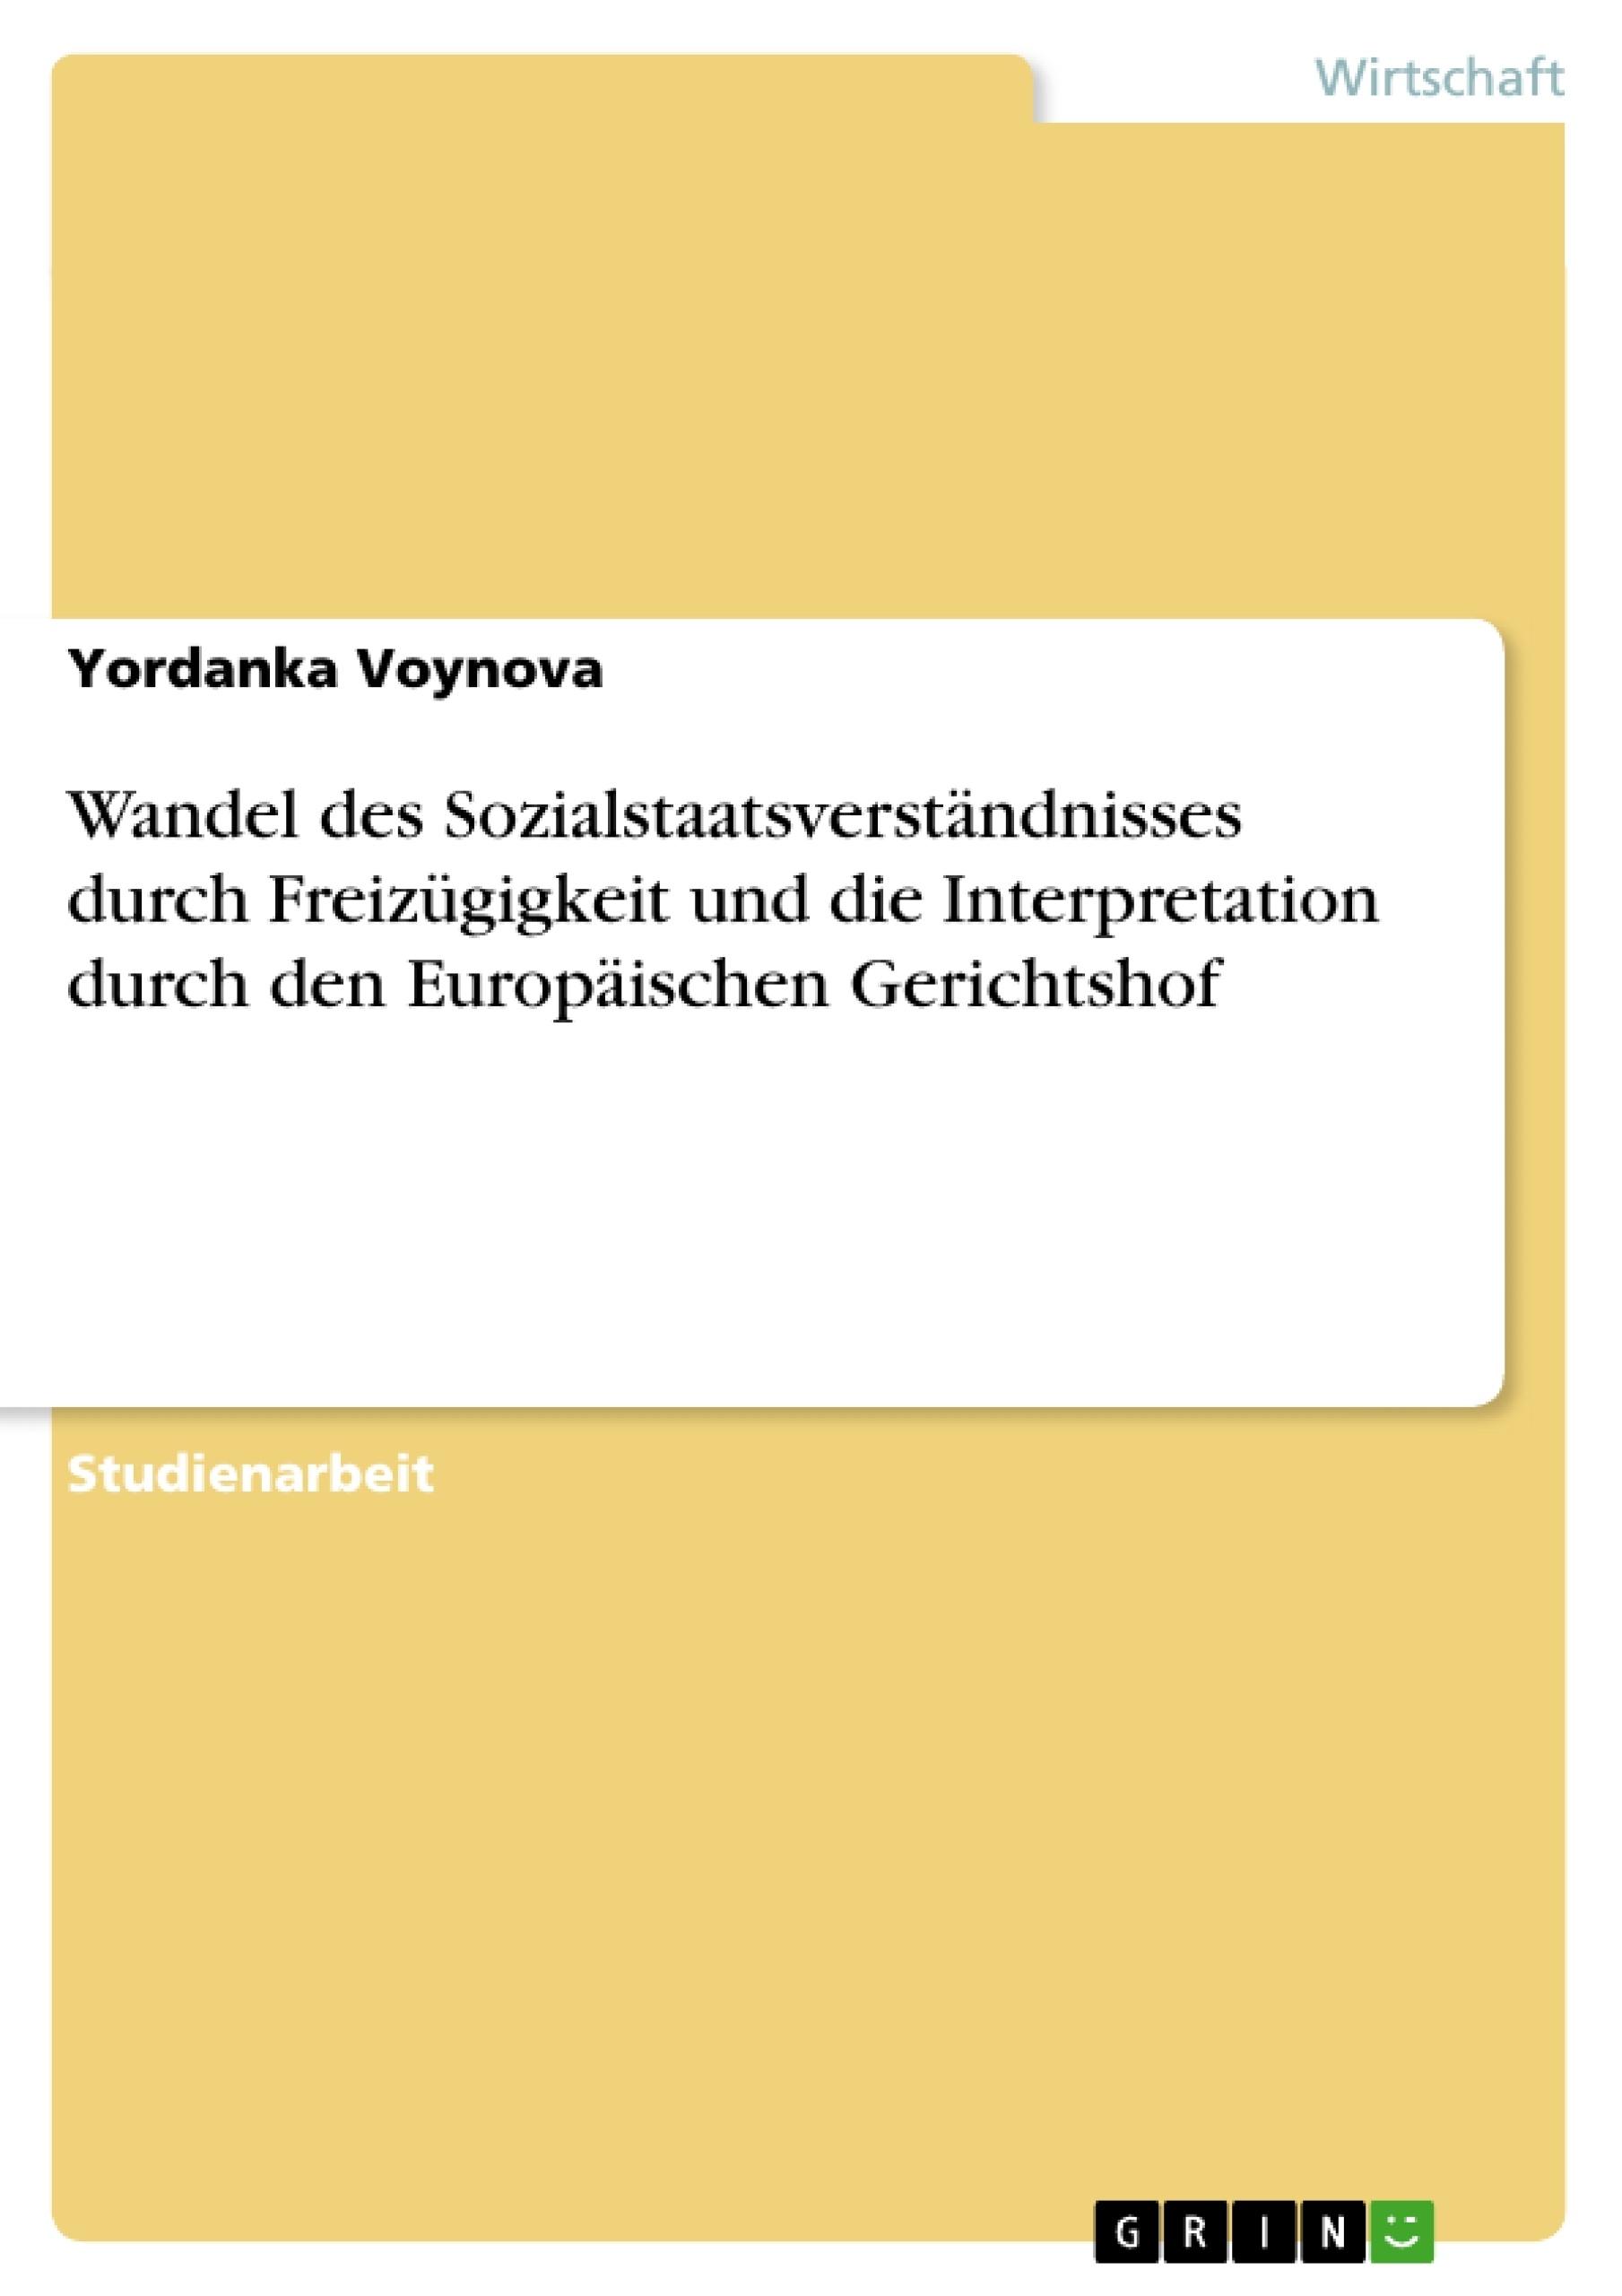 Titel: Wandel des Sozialstaatsverständnisses durch Freizügigkeit und die Interpretation durch den Europäischen Gerichtshof